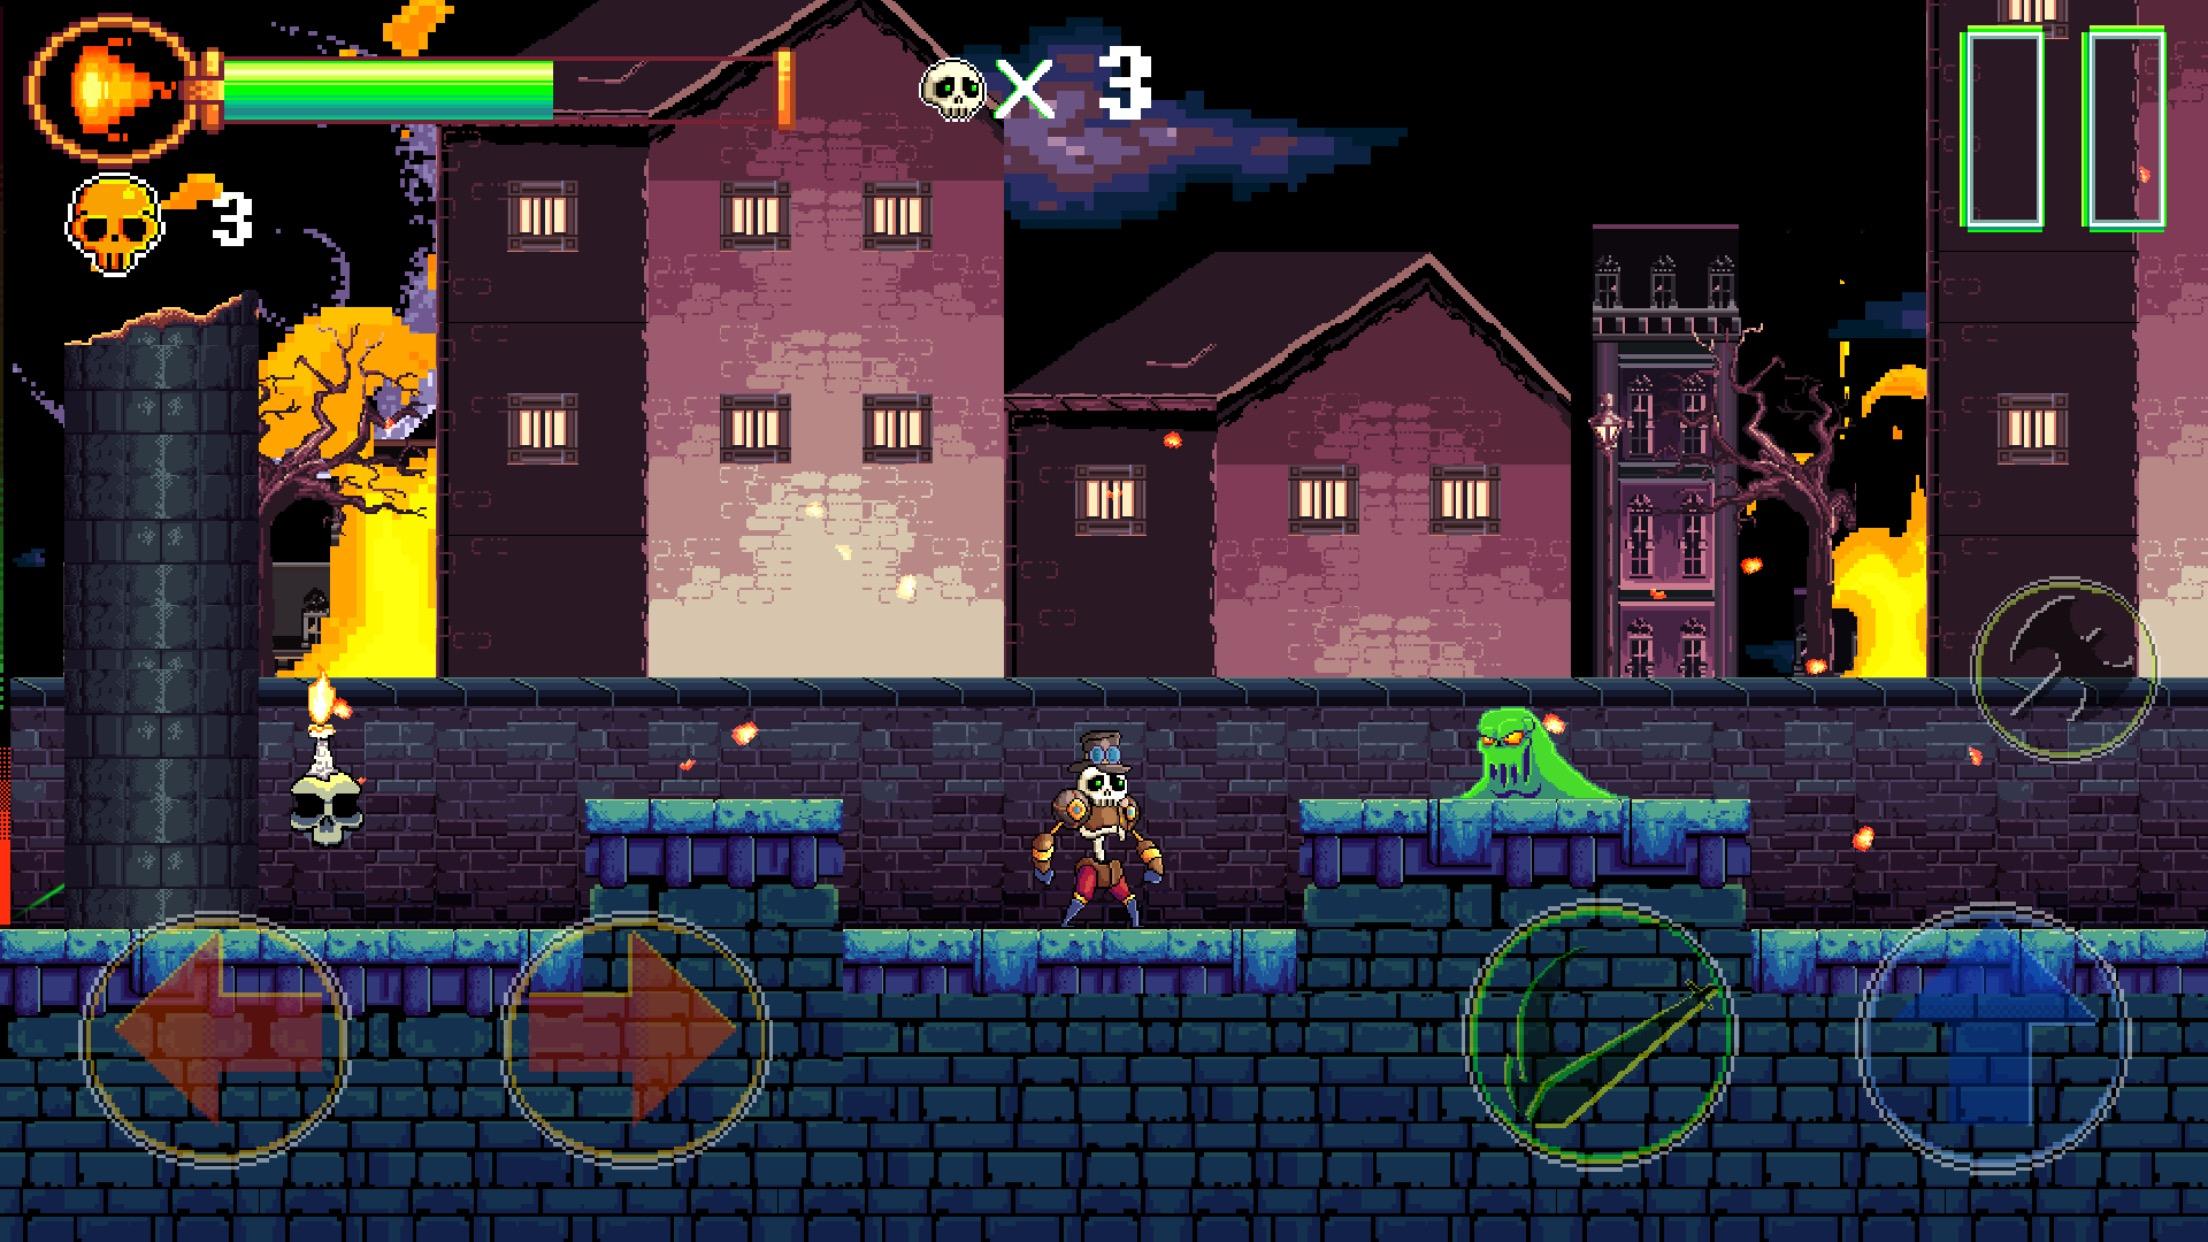 De L'action, Des Pixels Et Des Fantômes À Éliminer dedans Jeux De Squelette Gratuit